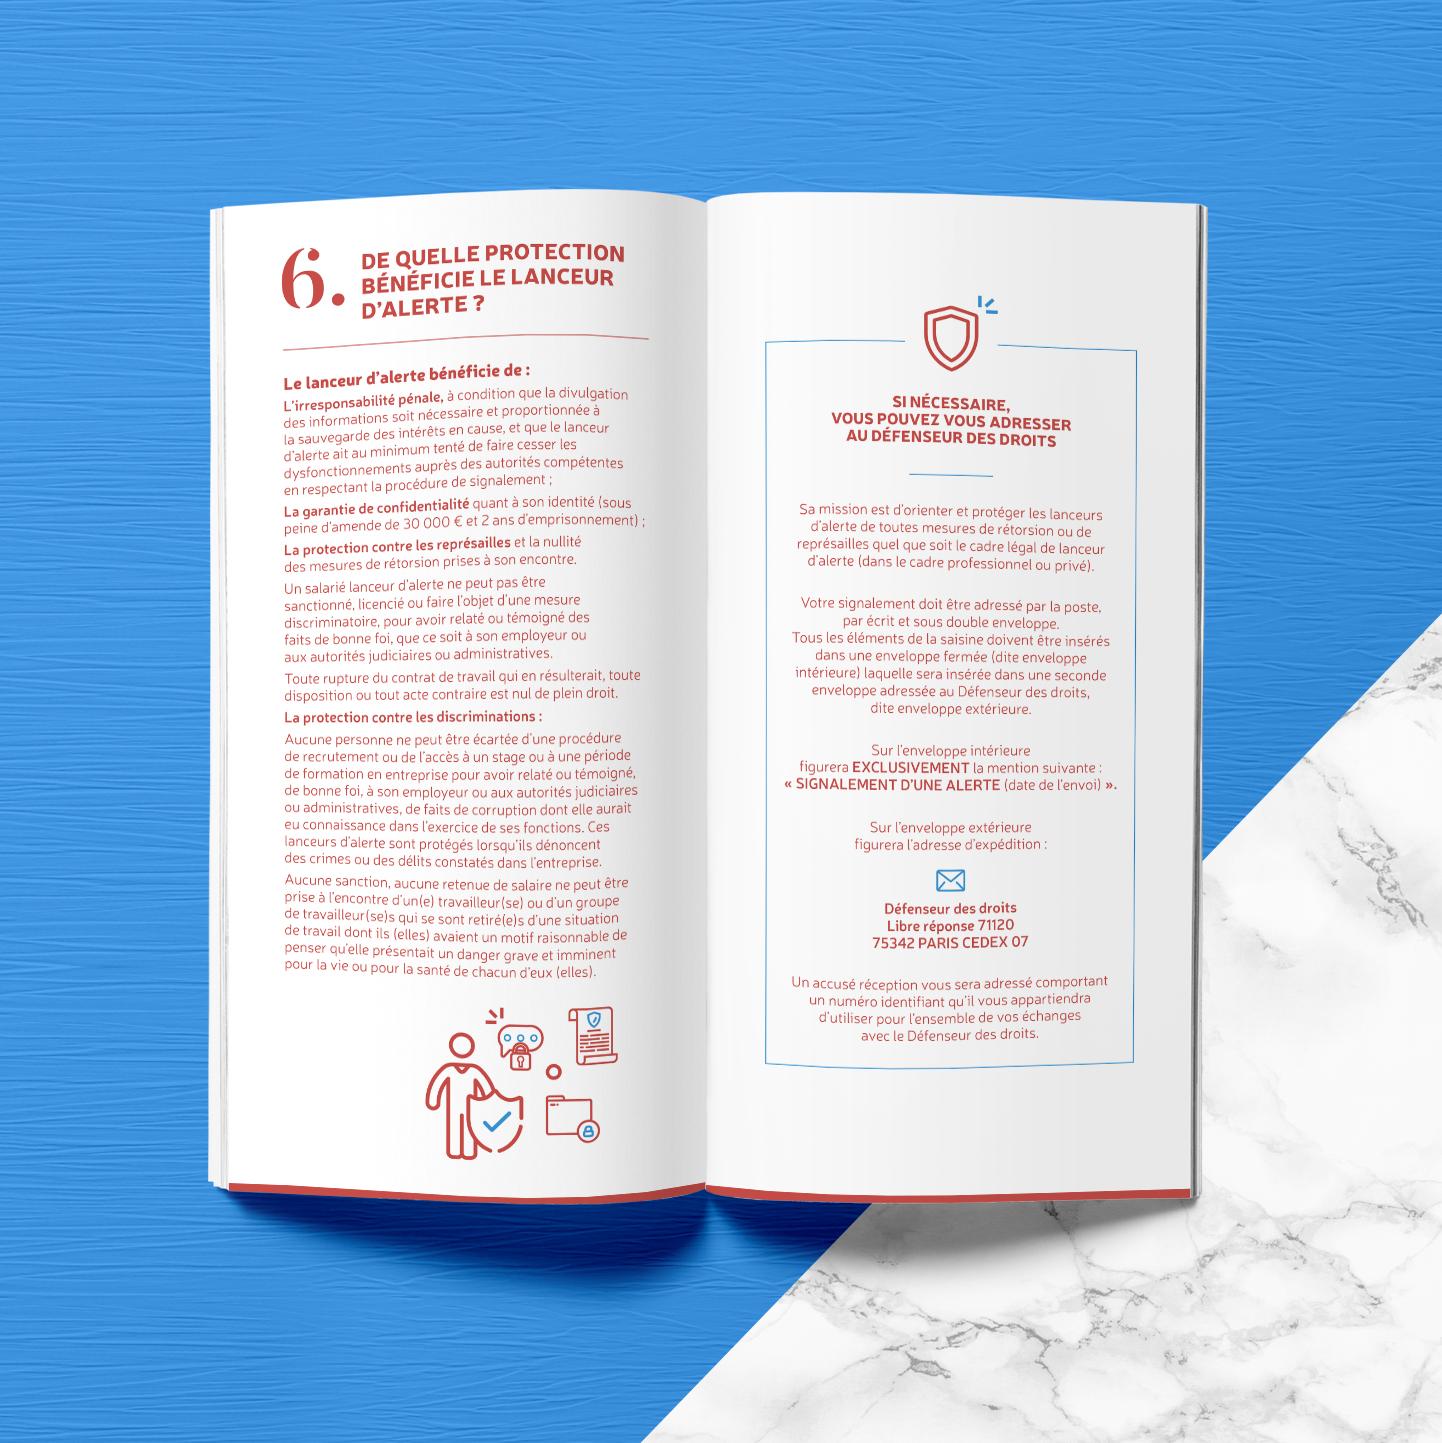 Livret droit d'alerte pages 10-11